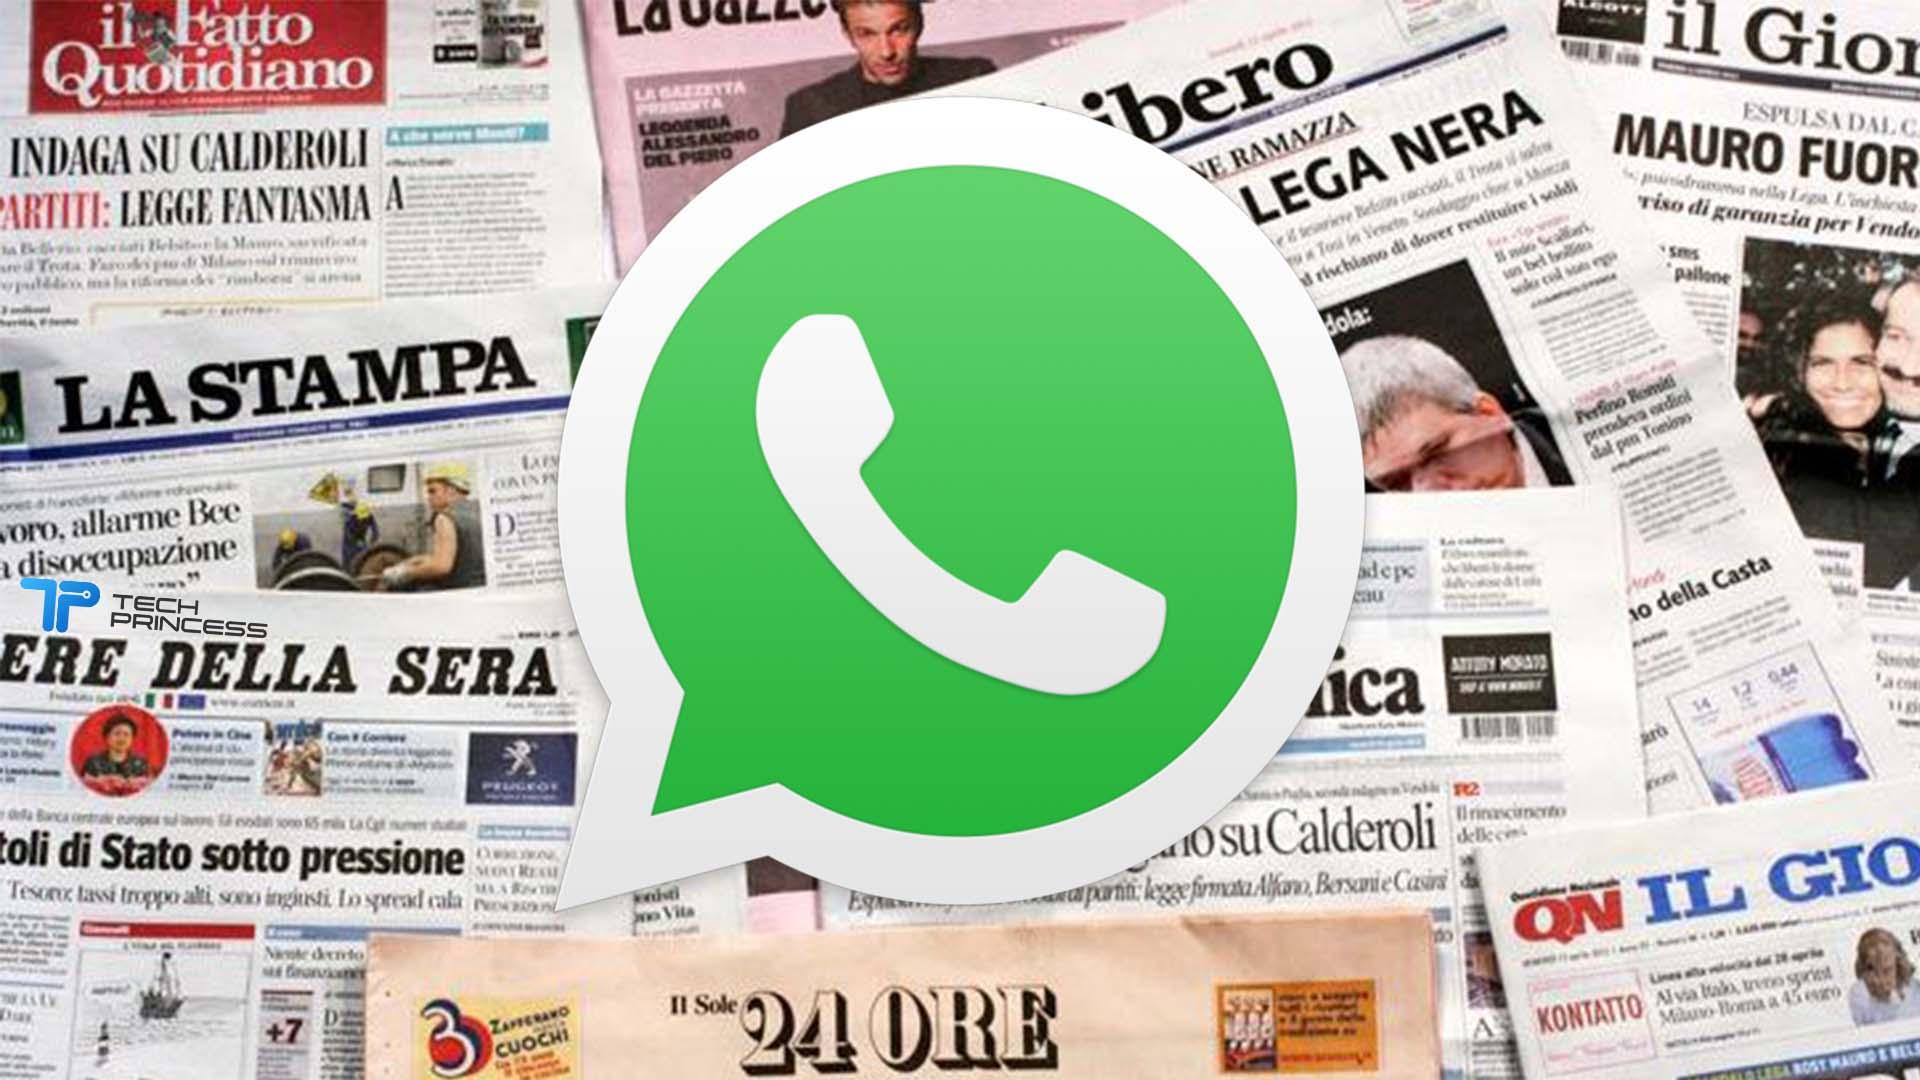 I giornali gratis si trovano anche su WhatsApp. Perché la FIEG non chiede di bloccarlo? Forse perché non è la soluzione thumbnail